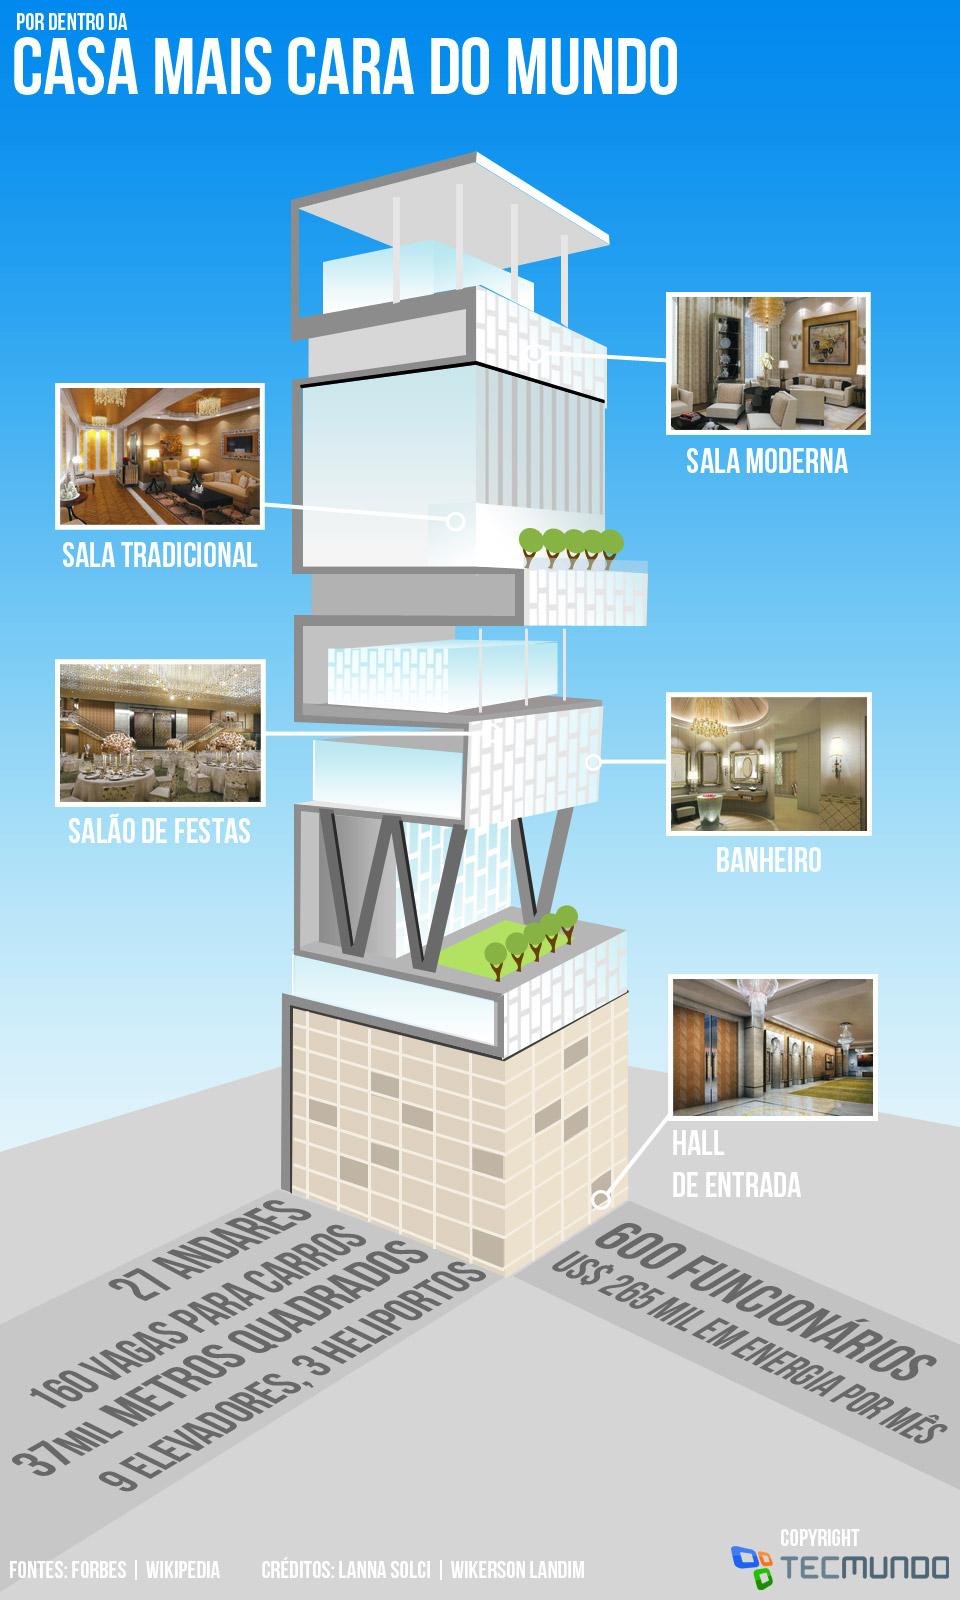 Por dentro da casa mais cara do mundo [infográfico]